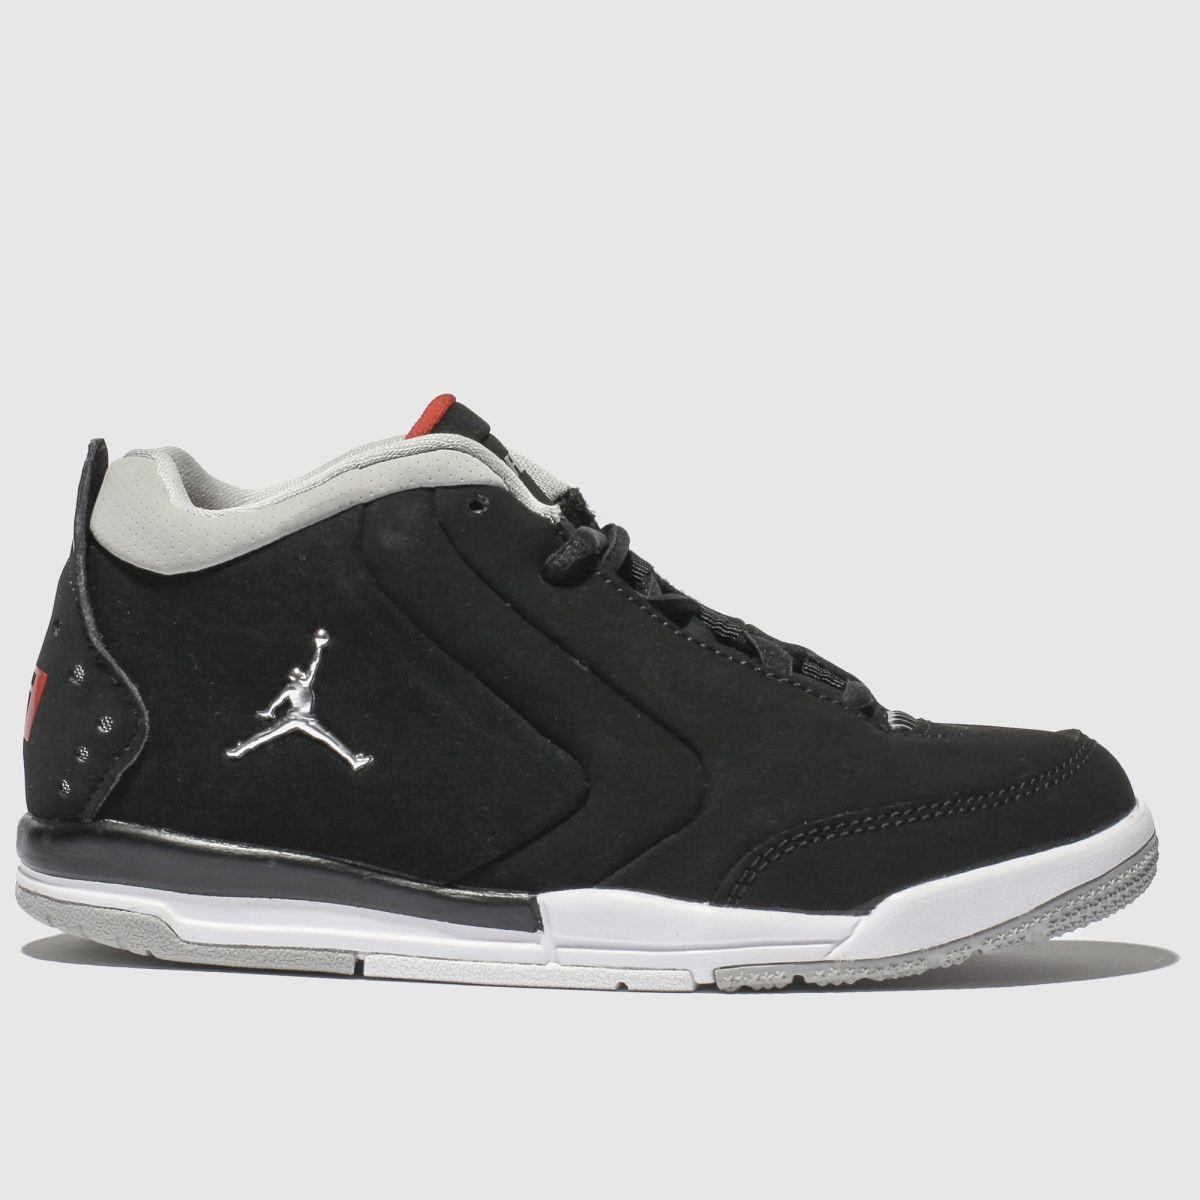 Nike Jordan Black & Silver Jordan Big Fund Trainers Junior